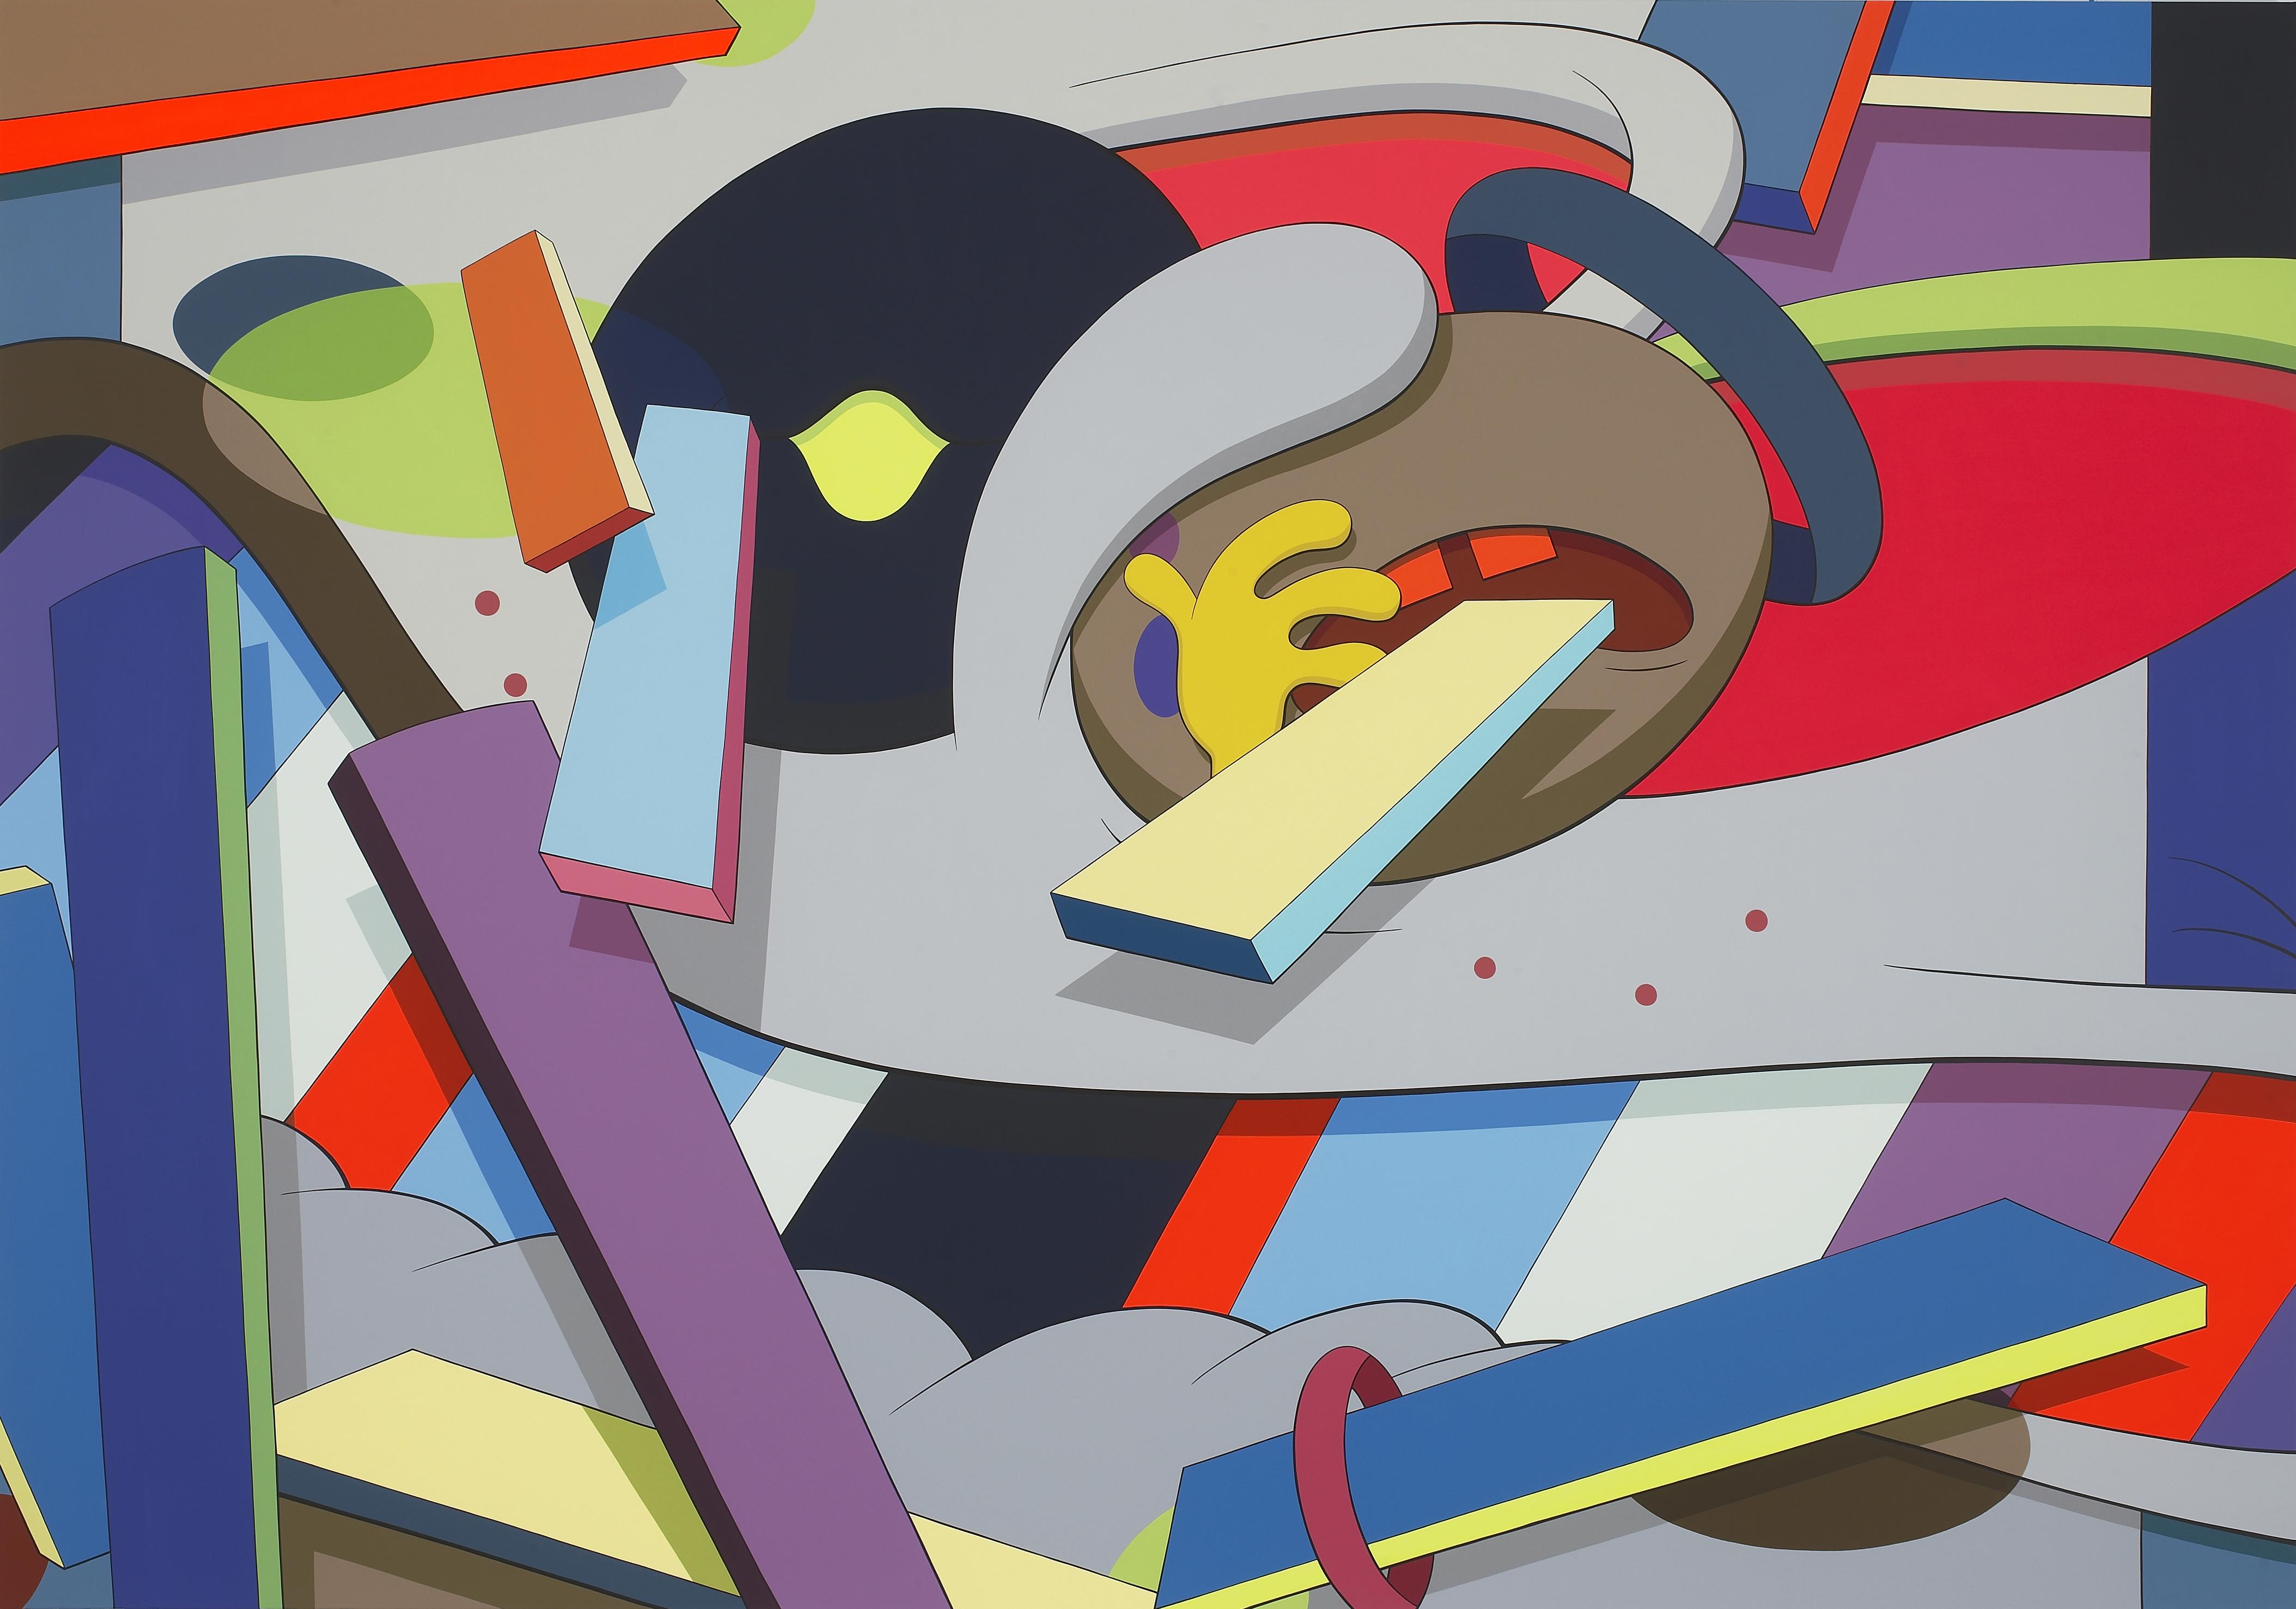 Graffiti as Art Essay